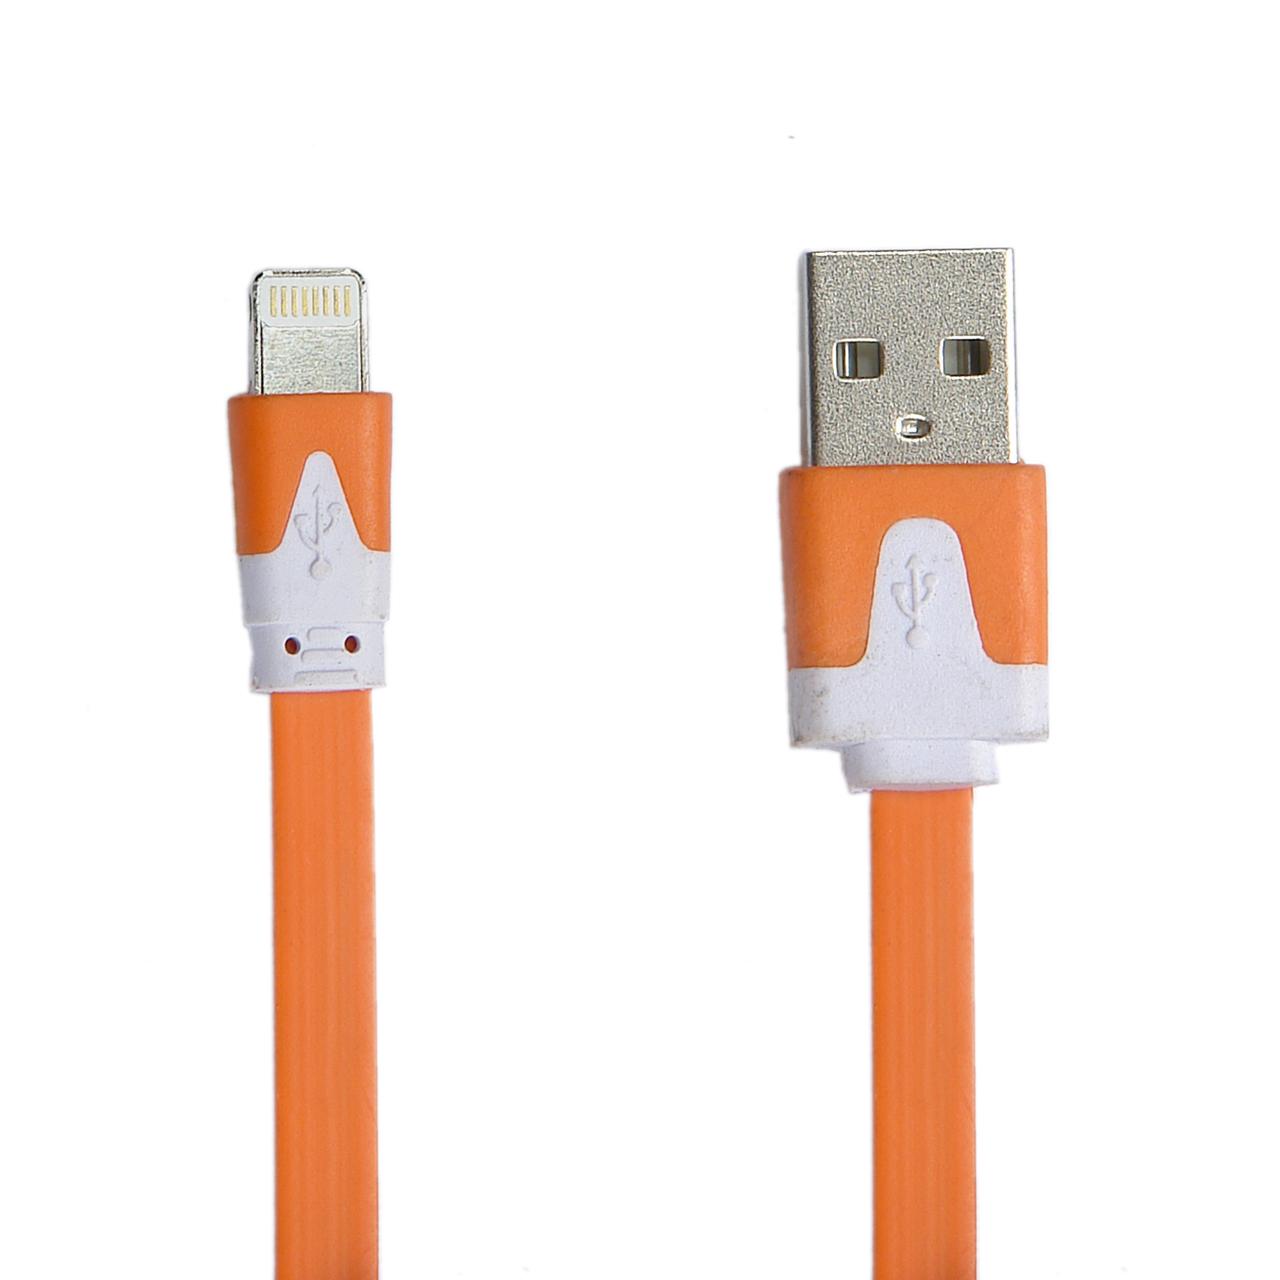 کابل تبدیل USB به لایتنینگ مدل TL 21 طول 0.21 متر